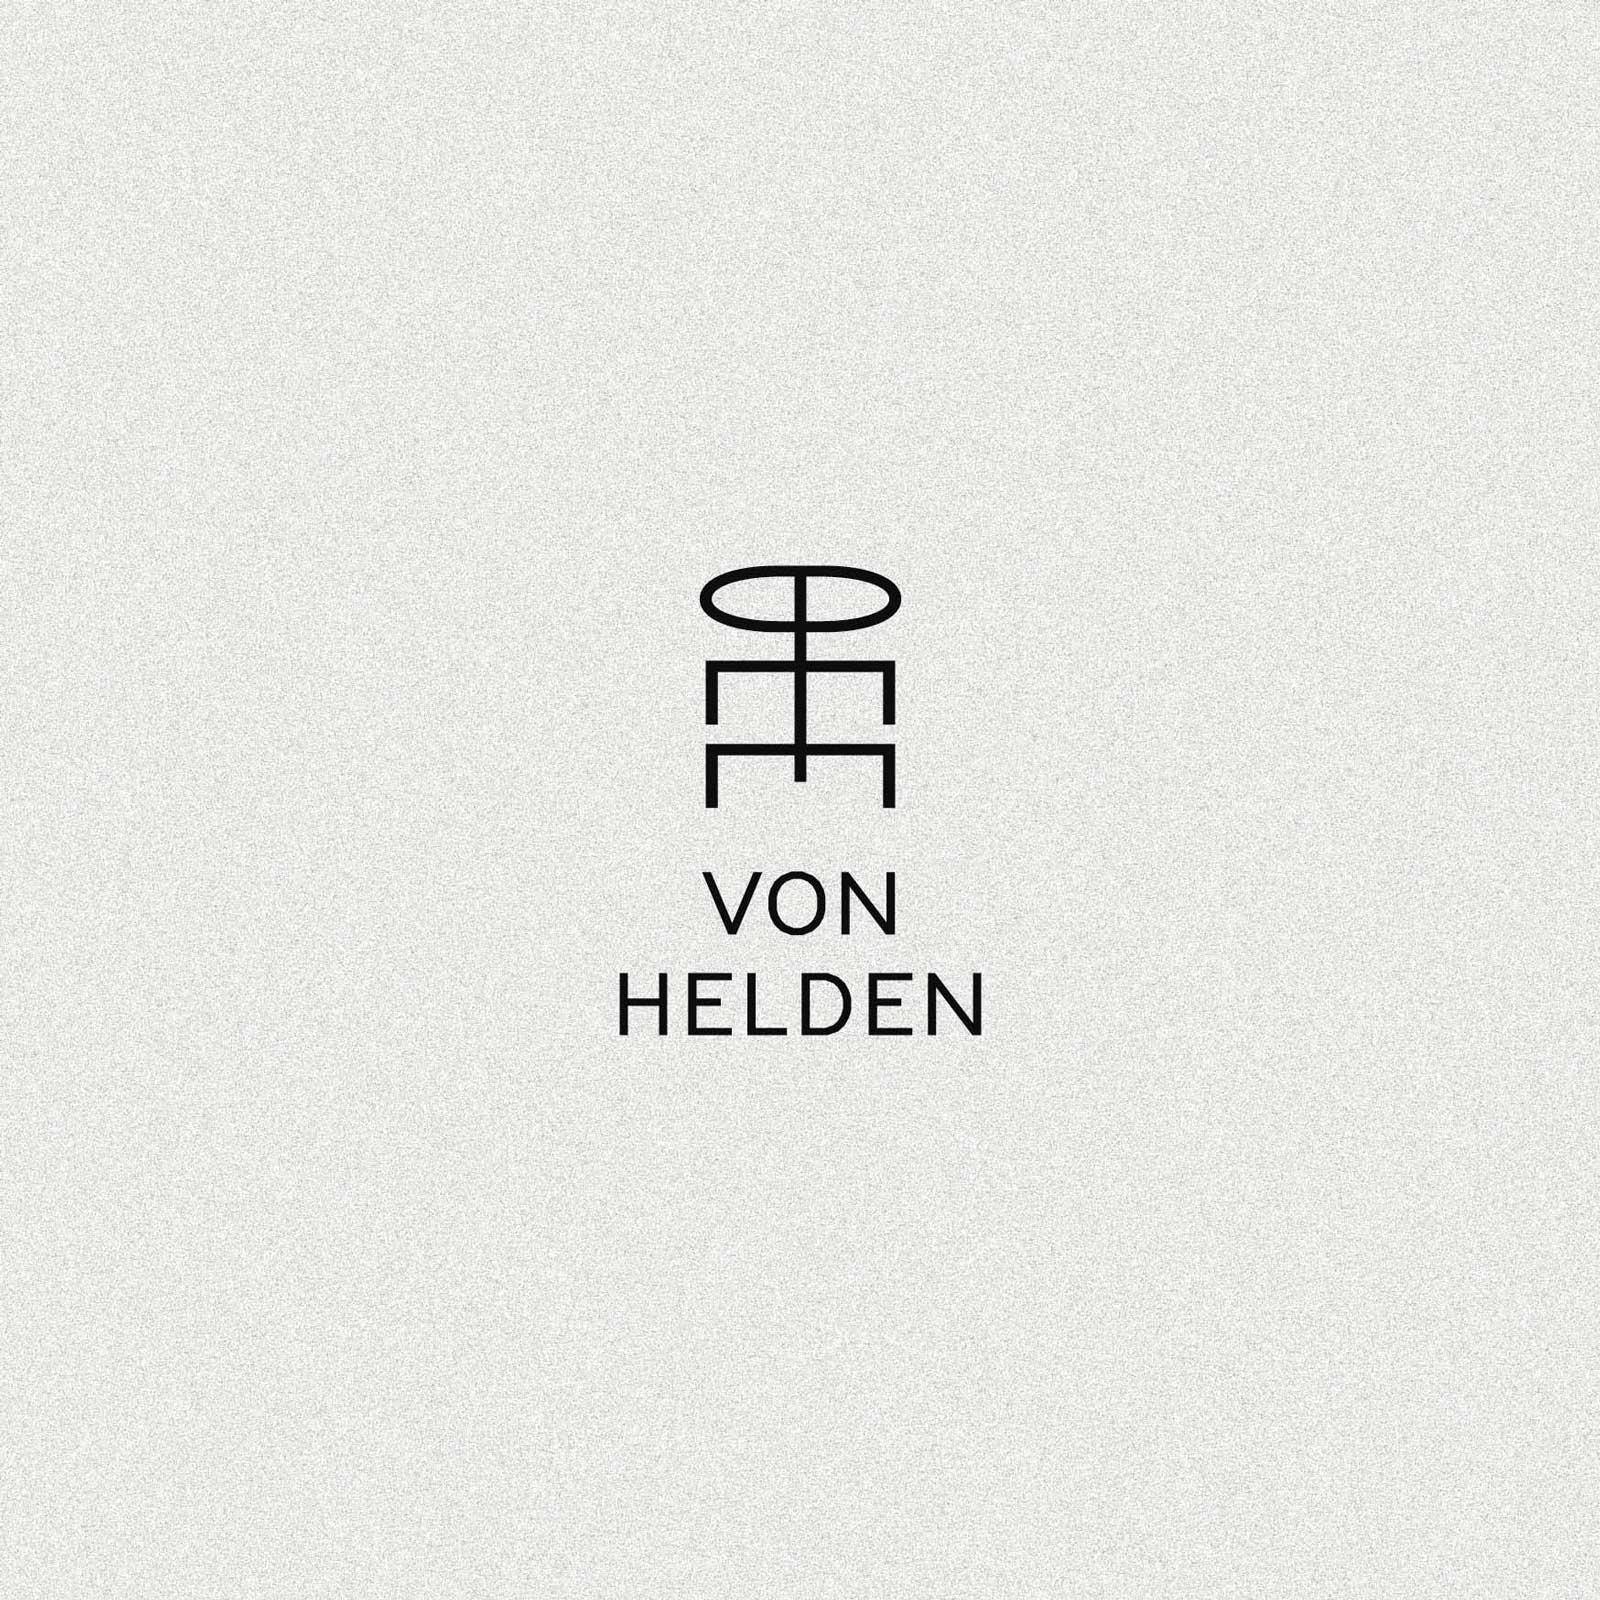 Pierre von Helden Artist Brand Identity – Logo